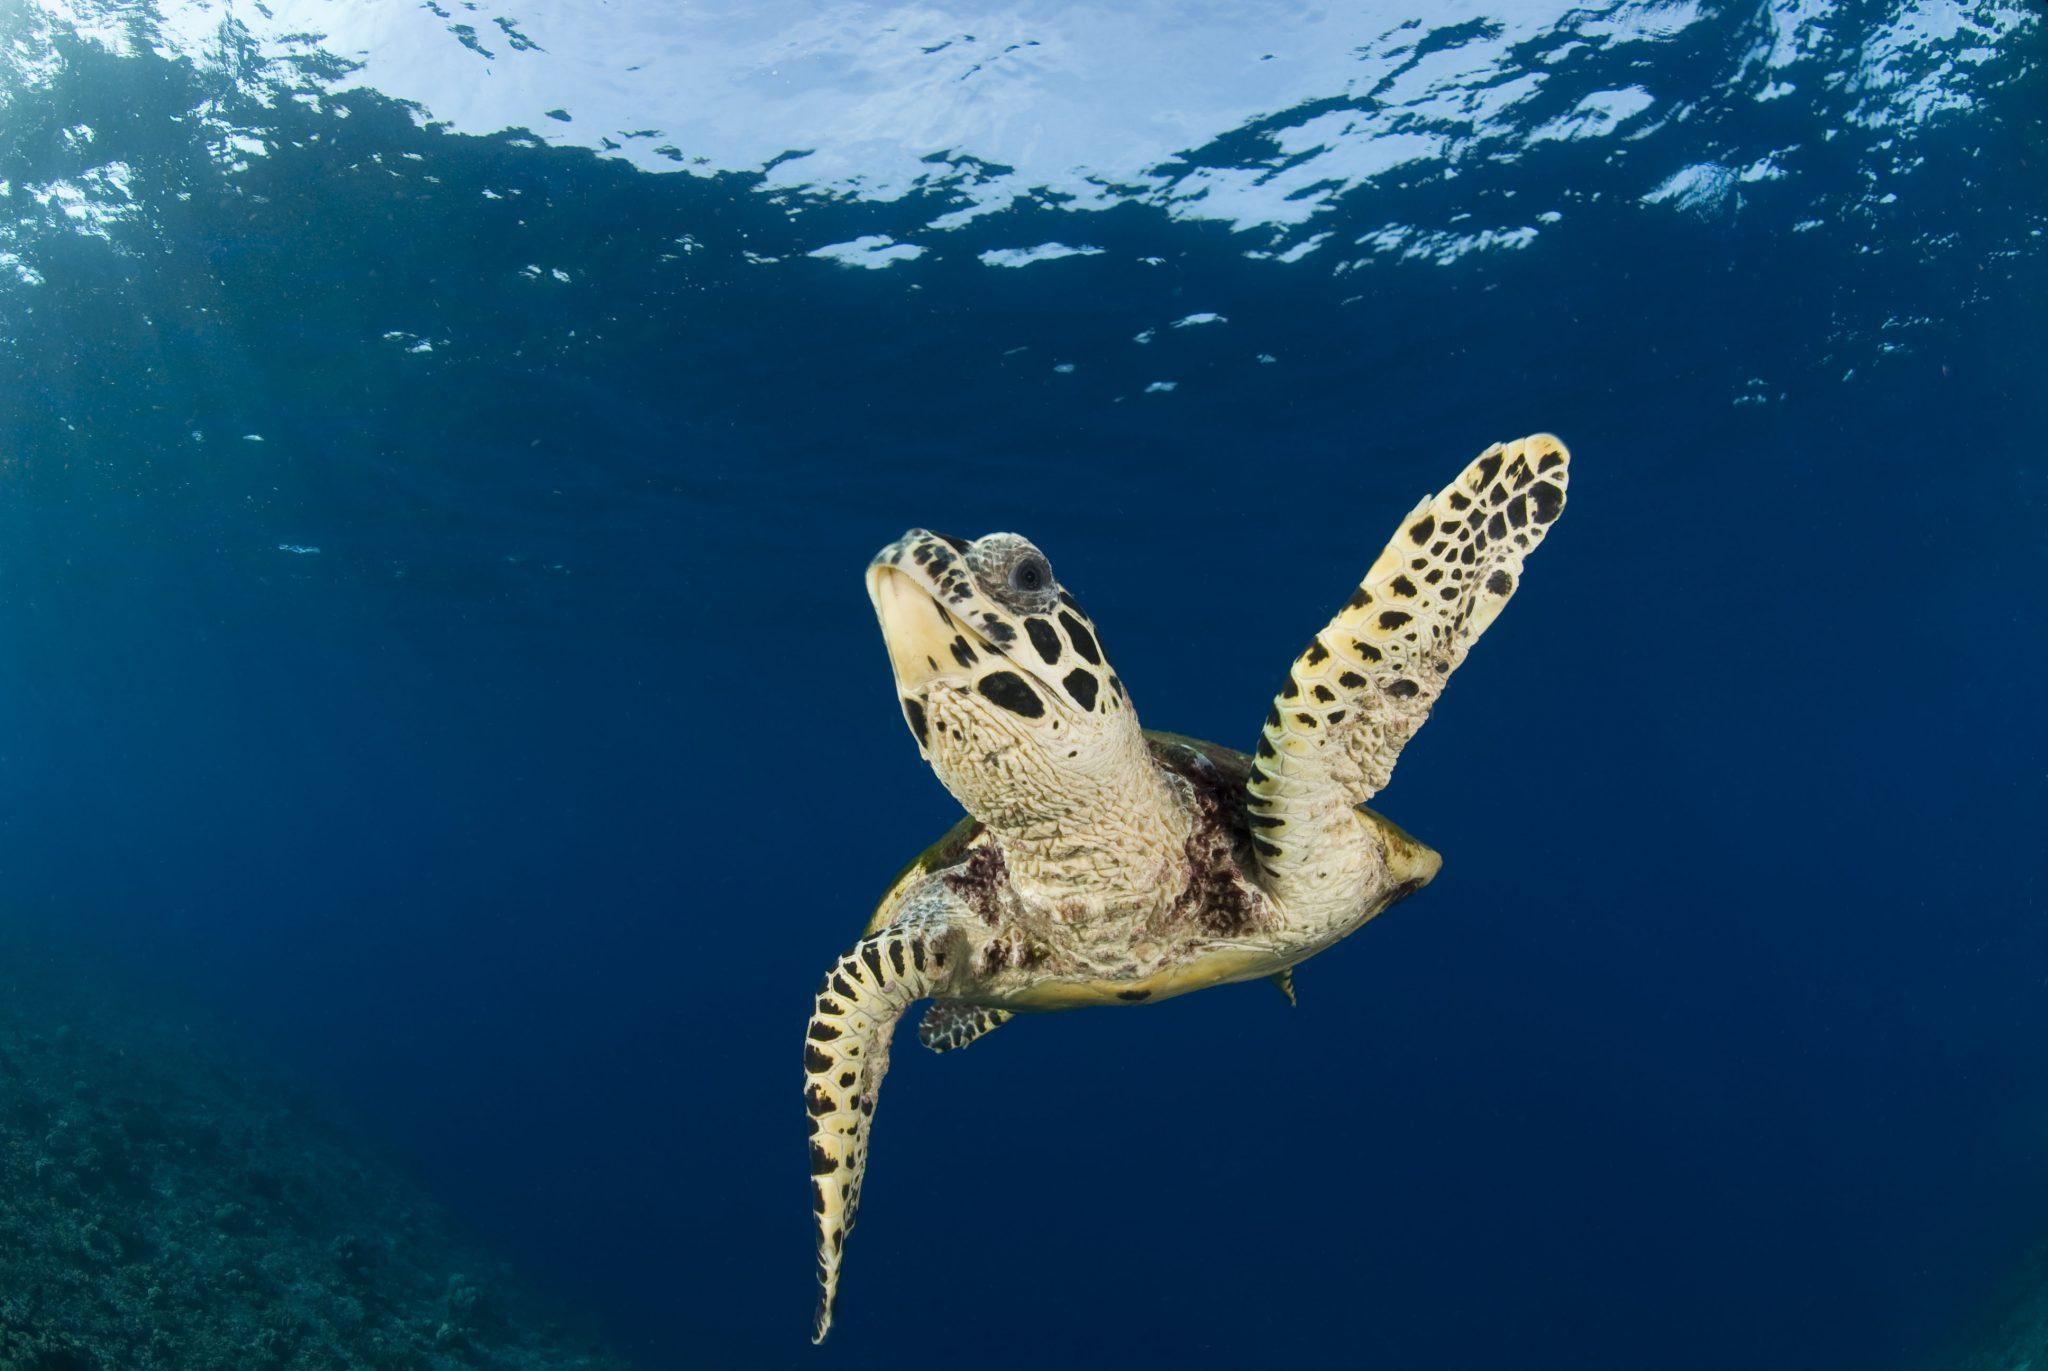 Auf der Suche nach Liebe? Schildkröte unter Wasser